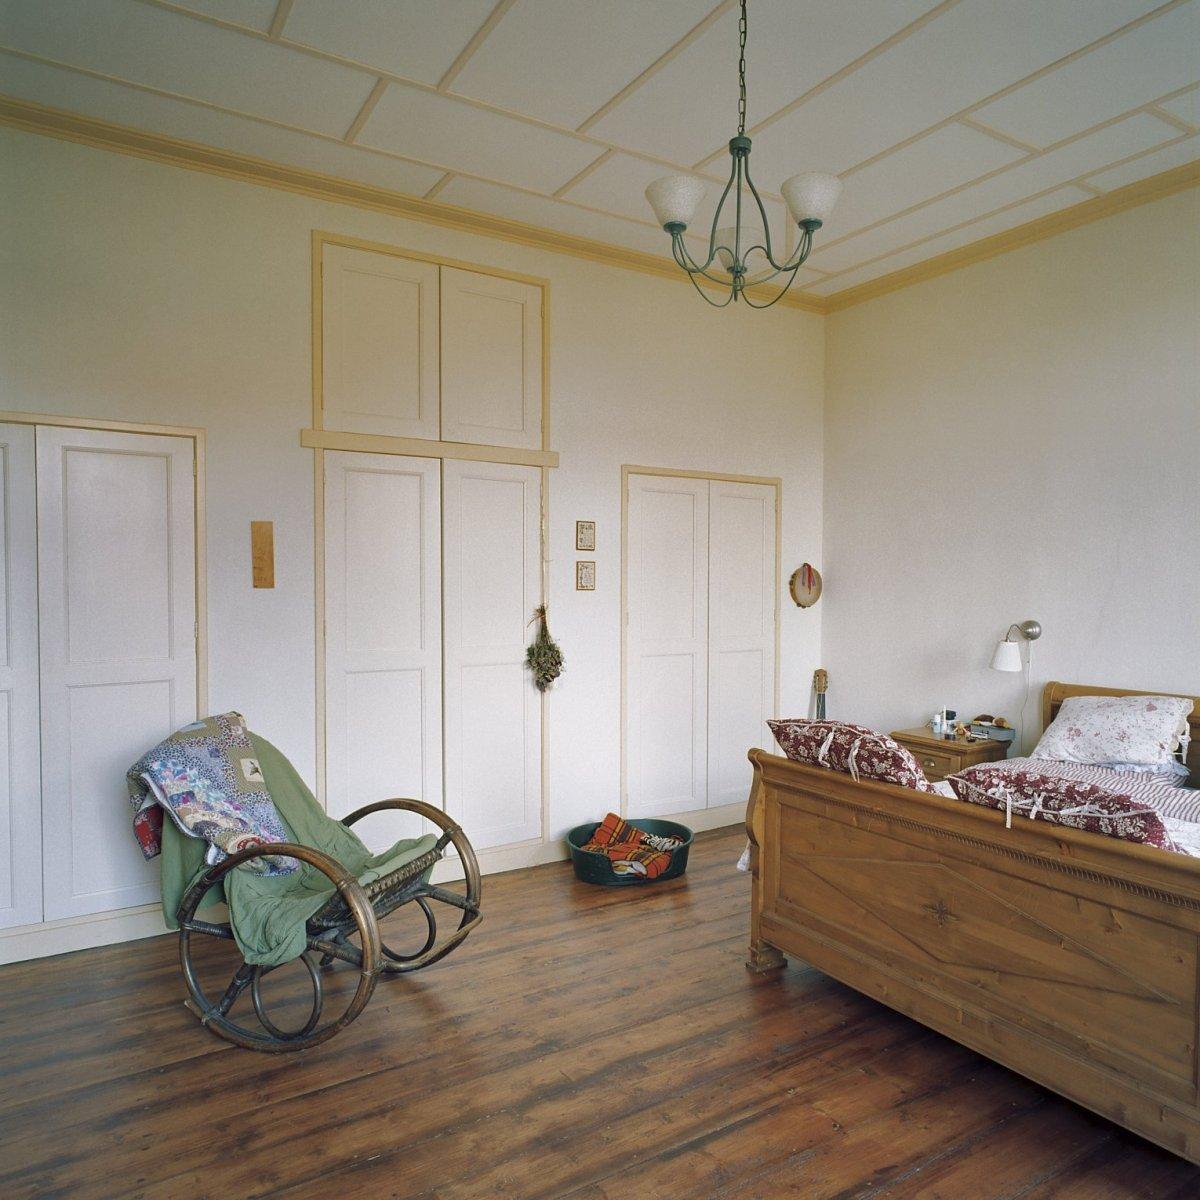 fileinterieur begane grond woongedeelte boerderij oude slaapkamer met kastenwand wouw